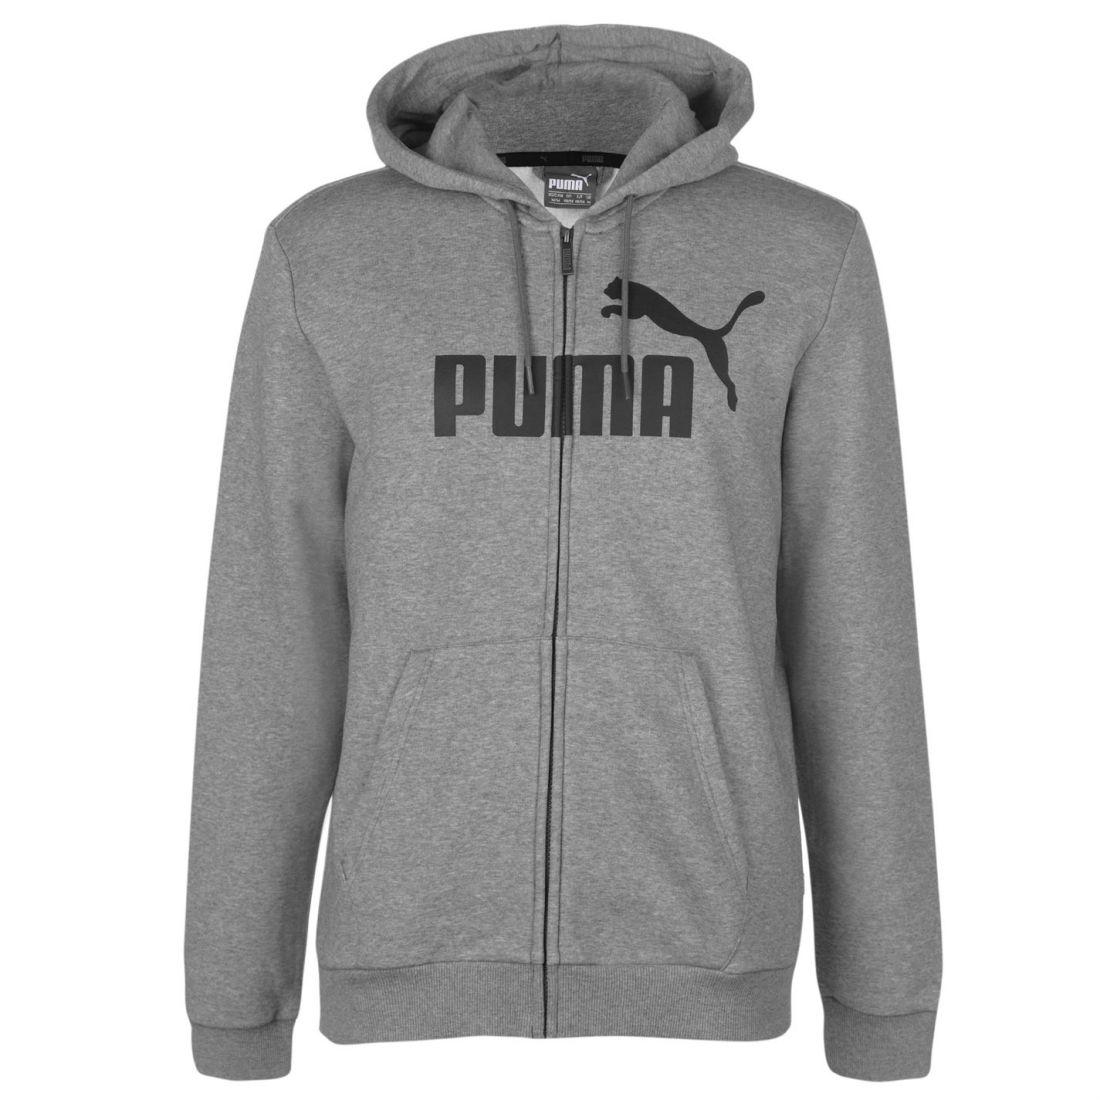 577dafd3bf Puma Mens No1 Zip Hoodie Hoody Hooded Top Long Sleeve Lightweight Cotton  Full